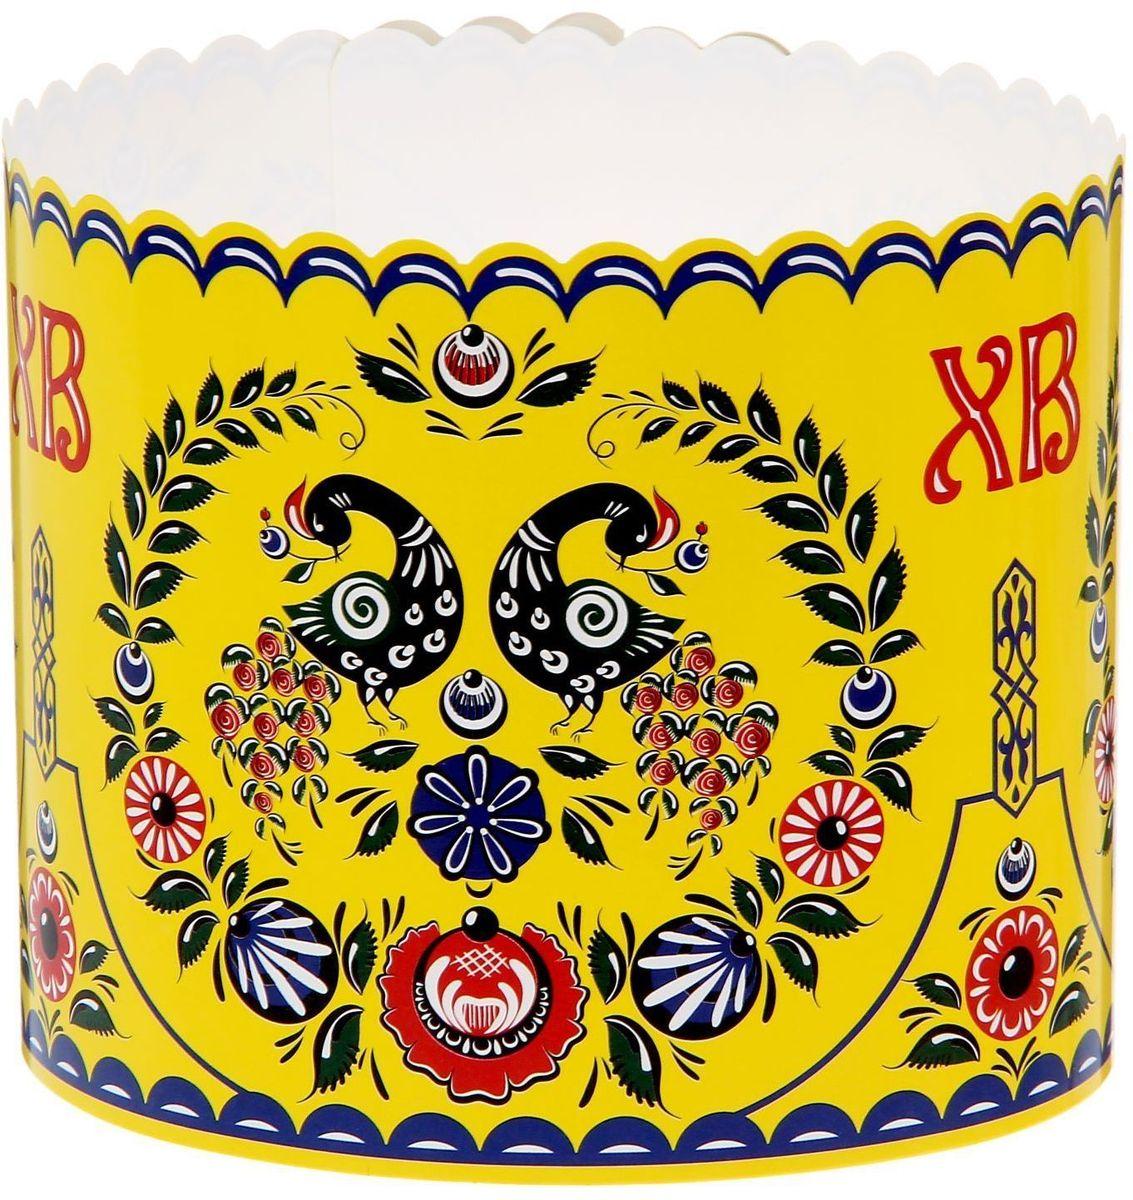 Ободок для пасхального кулича ХВ. Роспись, 41,6 х 10 см. 15462711546271Ободок для пасхального кулича — отличное дополнение для торжества. Аксессуар украсит праздничный стол и защитит угощение от маленьких ручек, которые так и норовят отщипнуть кусочек от угощения. Размер ободка регулируется, поэтому он подходит для больших и маленьких куличей.